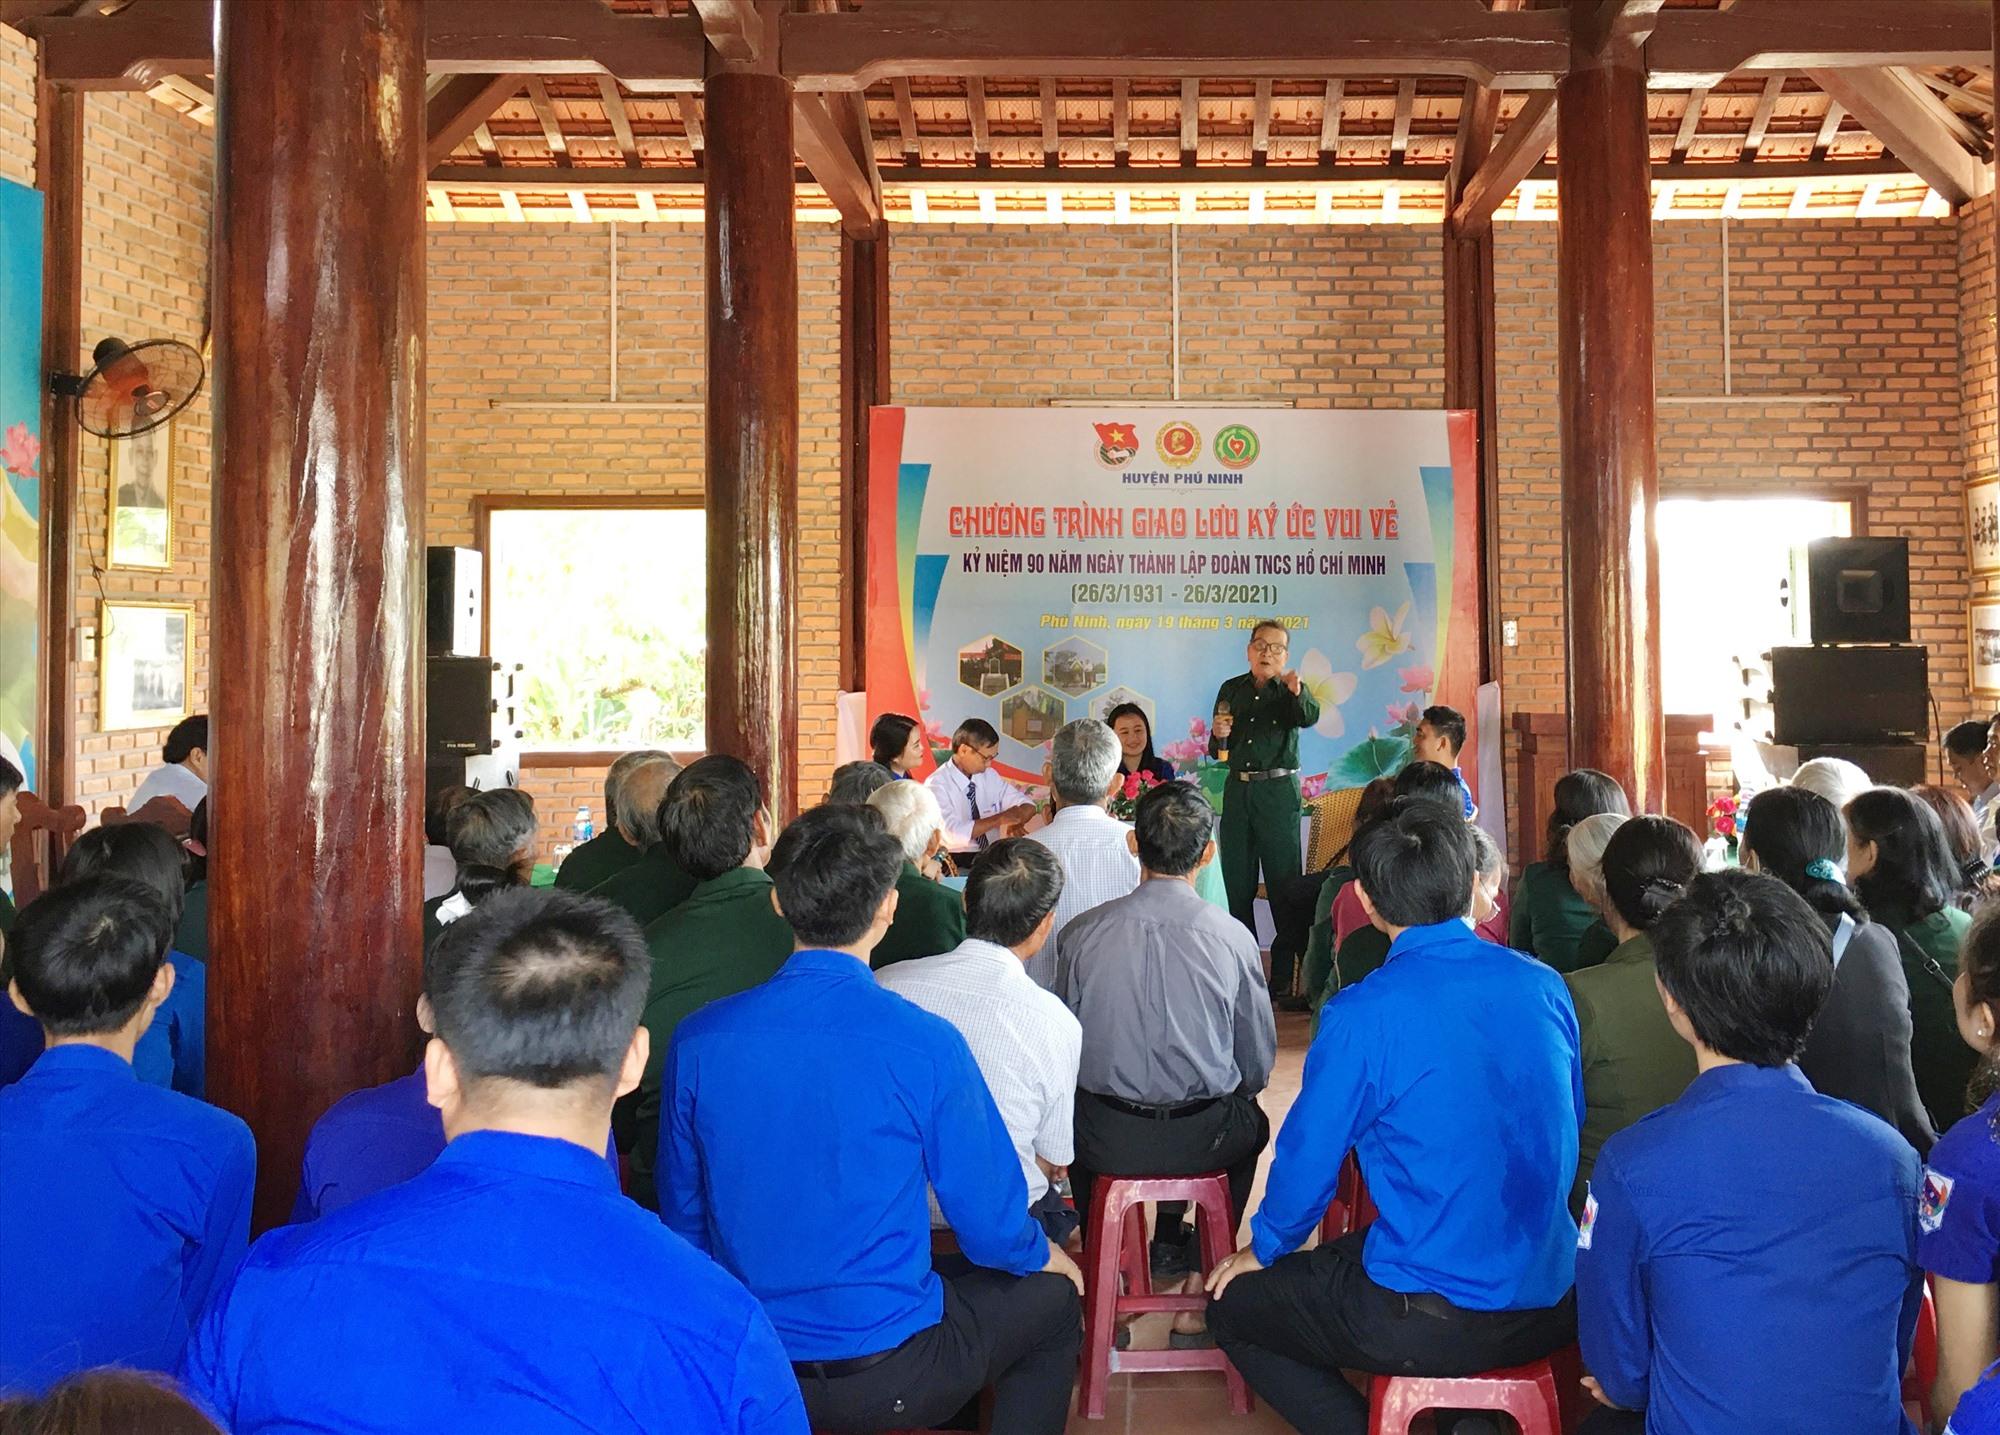 Giao lưu tọa đàm giữa các cựu chiến binh Phú Ninh với sinh viên Lào